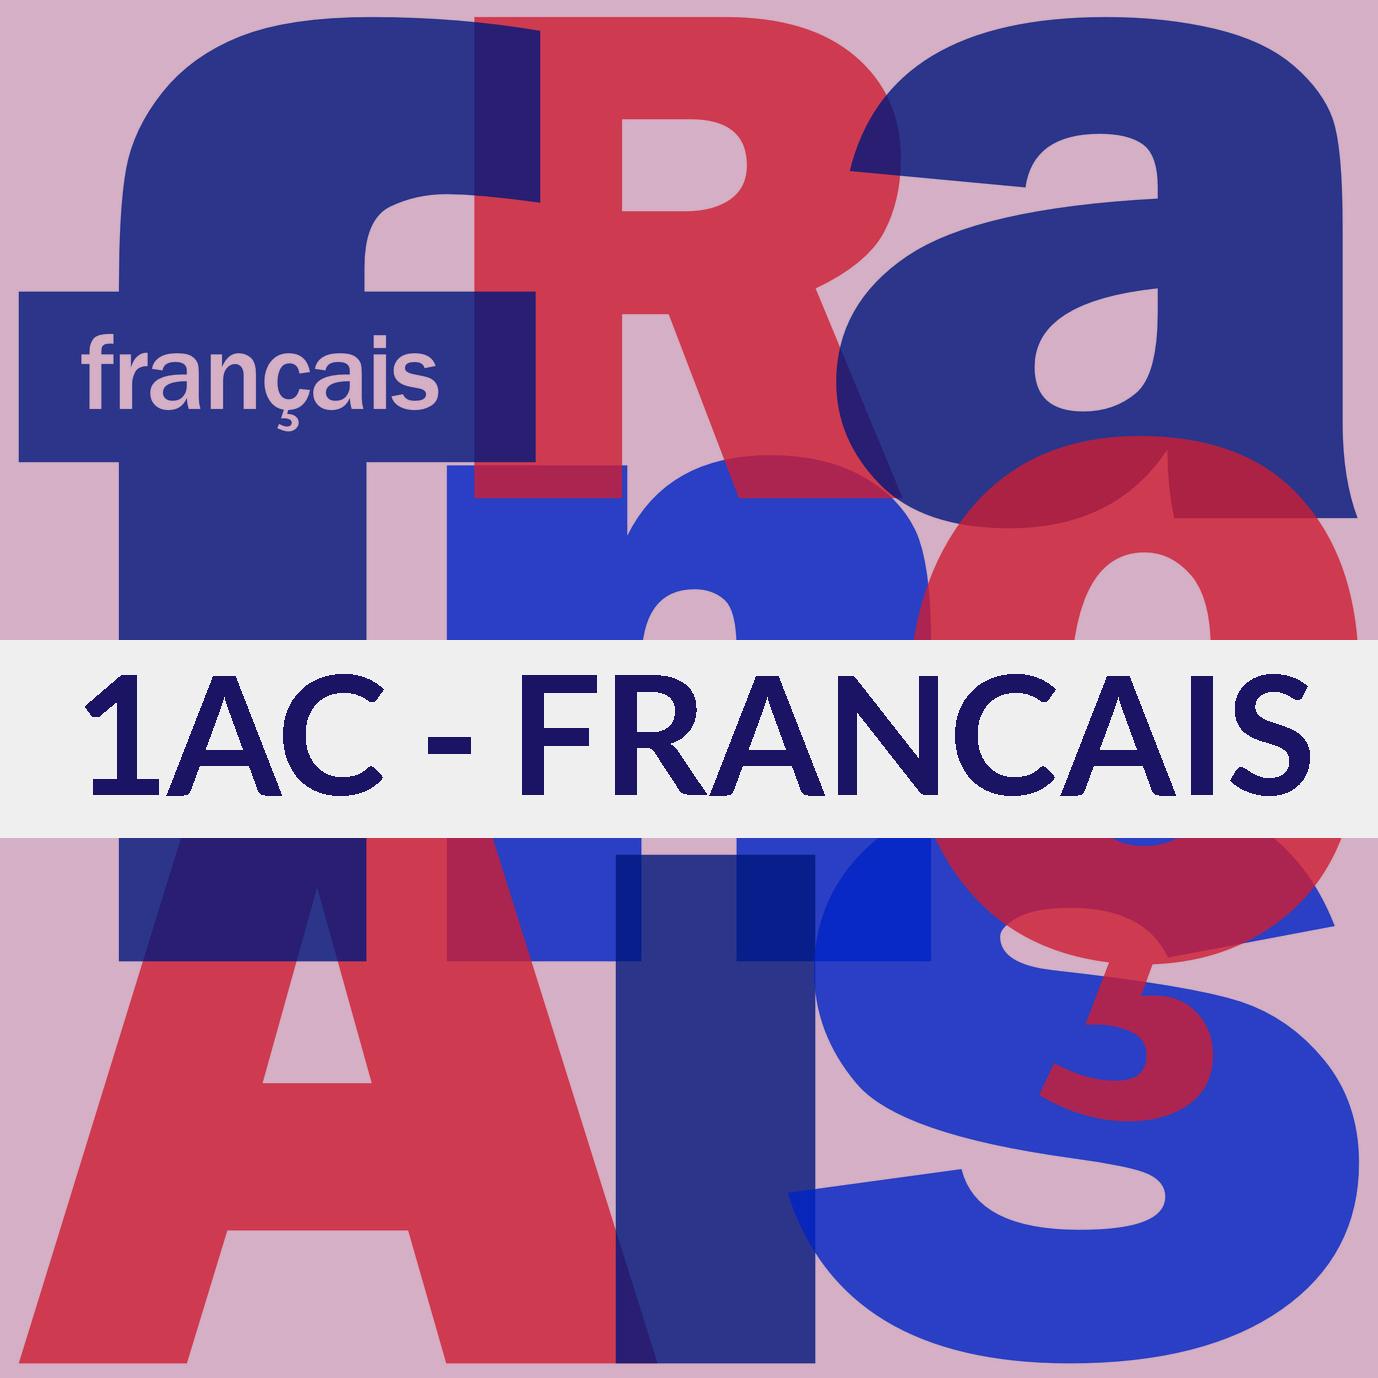 1AC-FRANCAIS course image